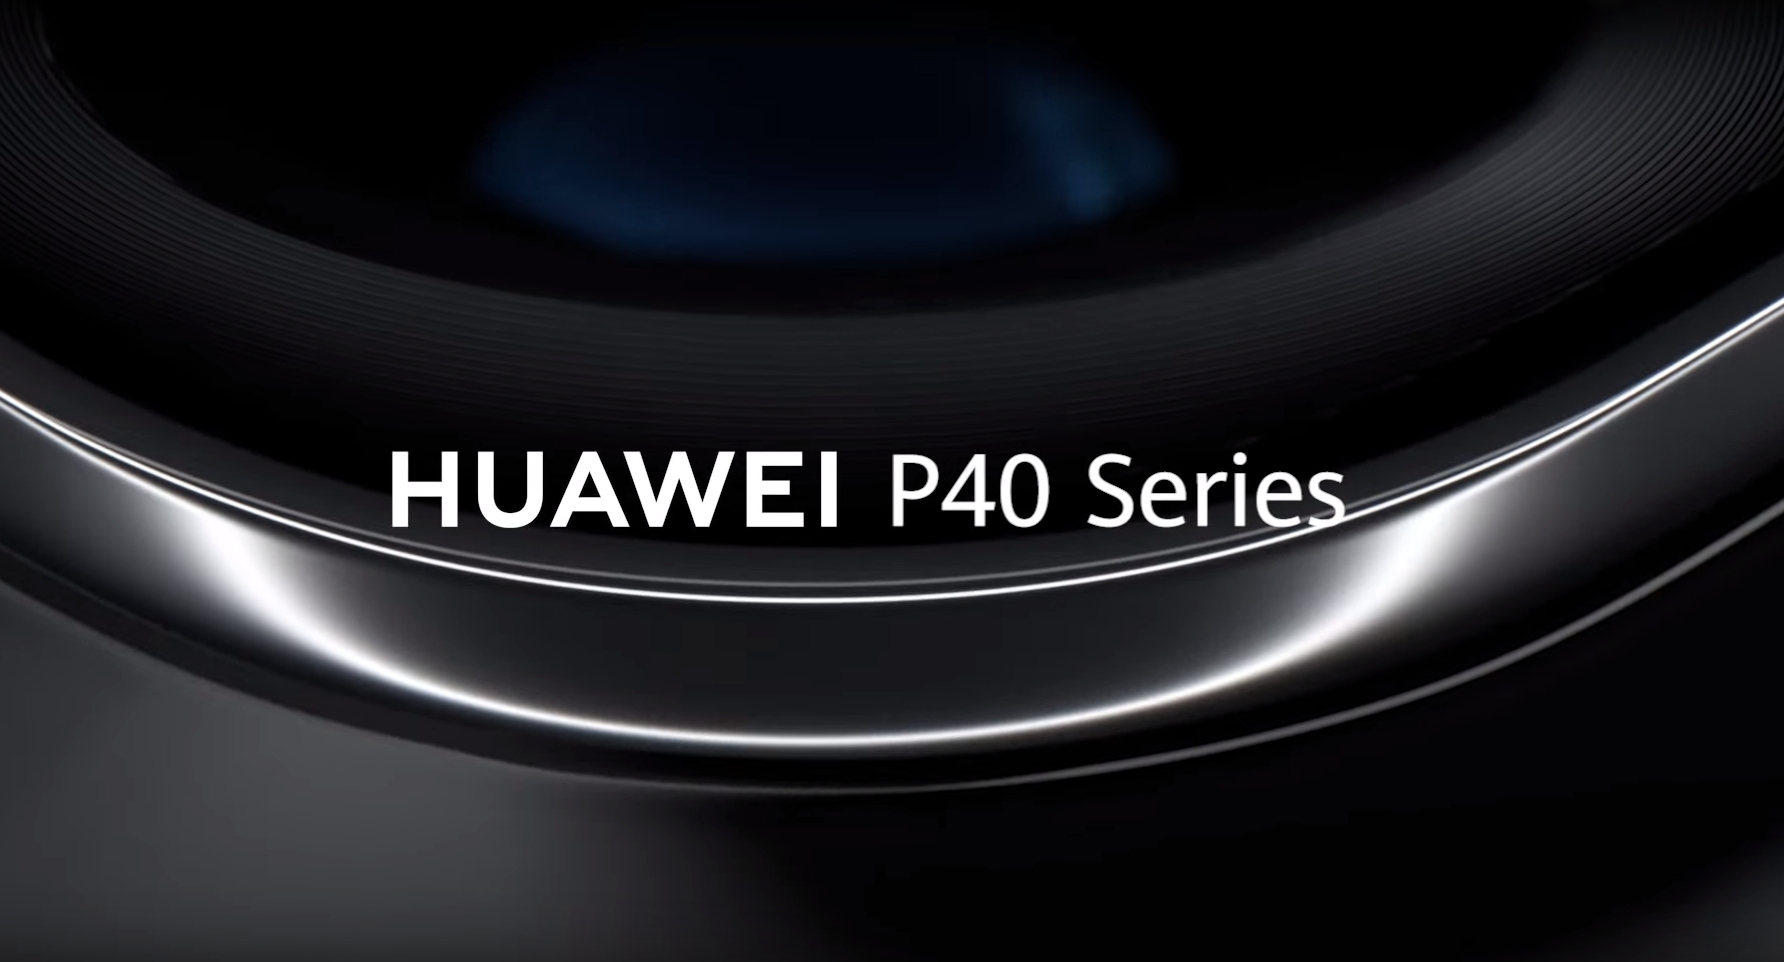 Huawei dnes představí sérii P40, sledujte keynote od 14 hodin